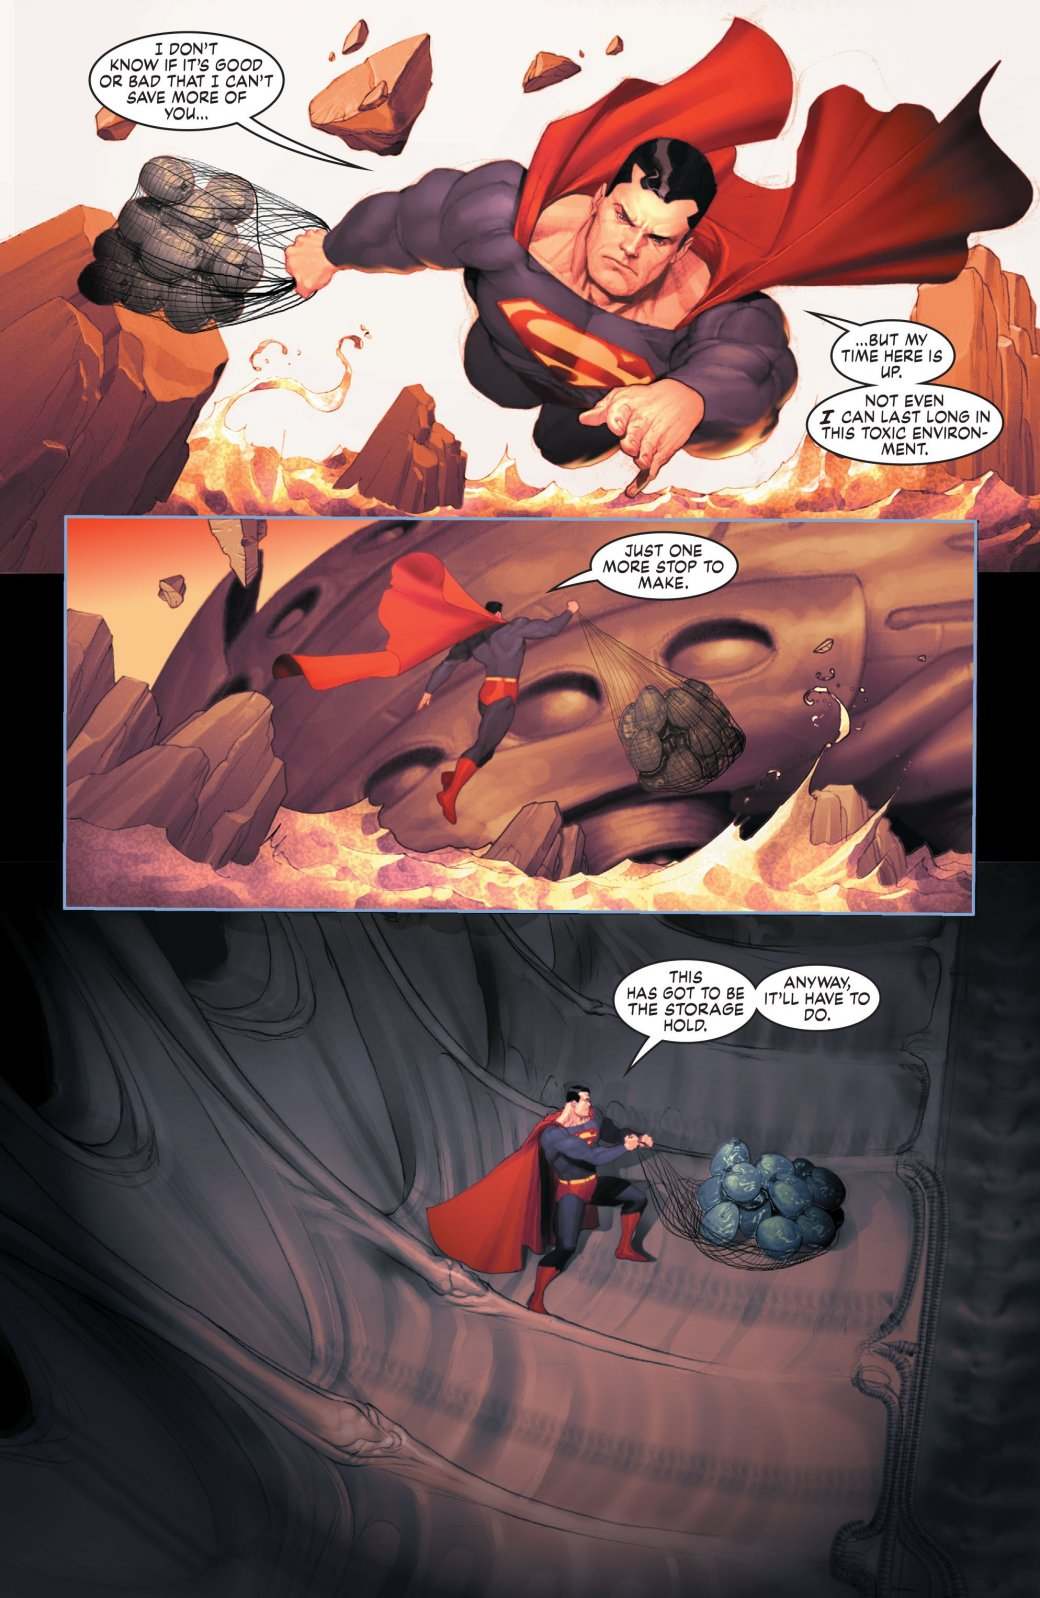 Бэтмен против Чужого?! Безумные комикс-кроссоверы сксеноморфами | Канобу - Изображение 31